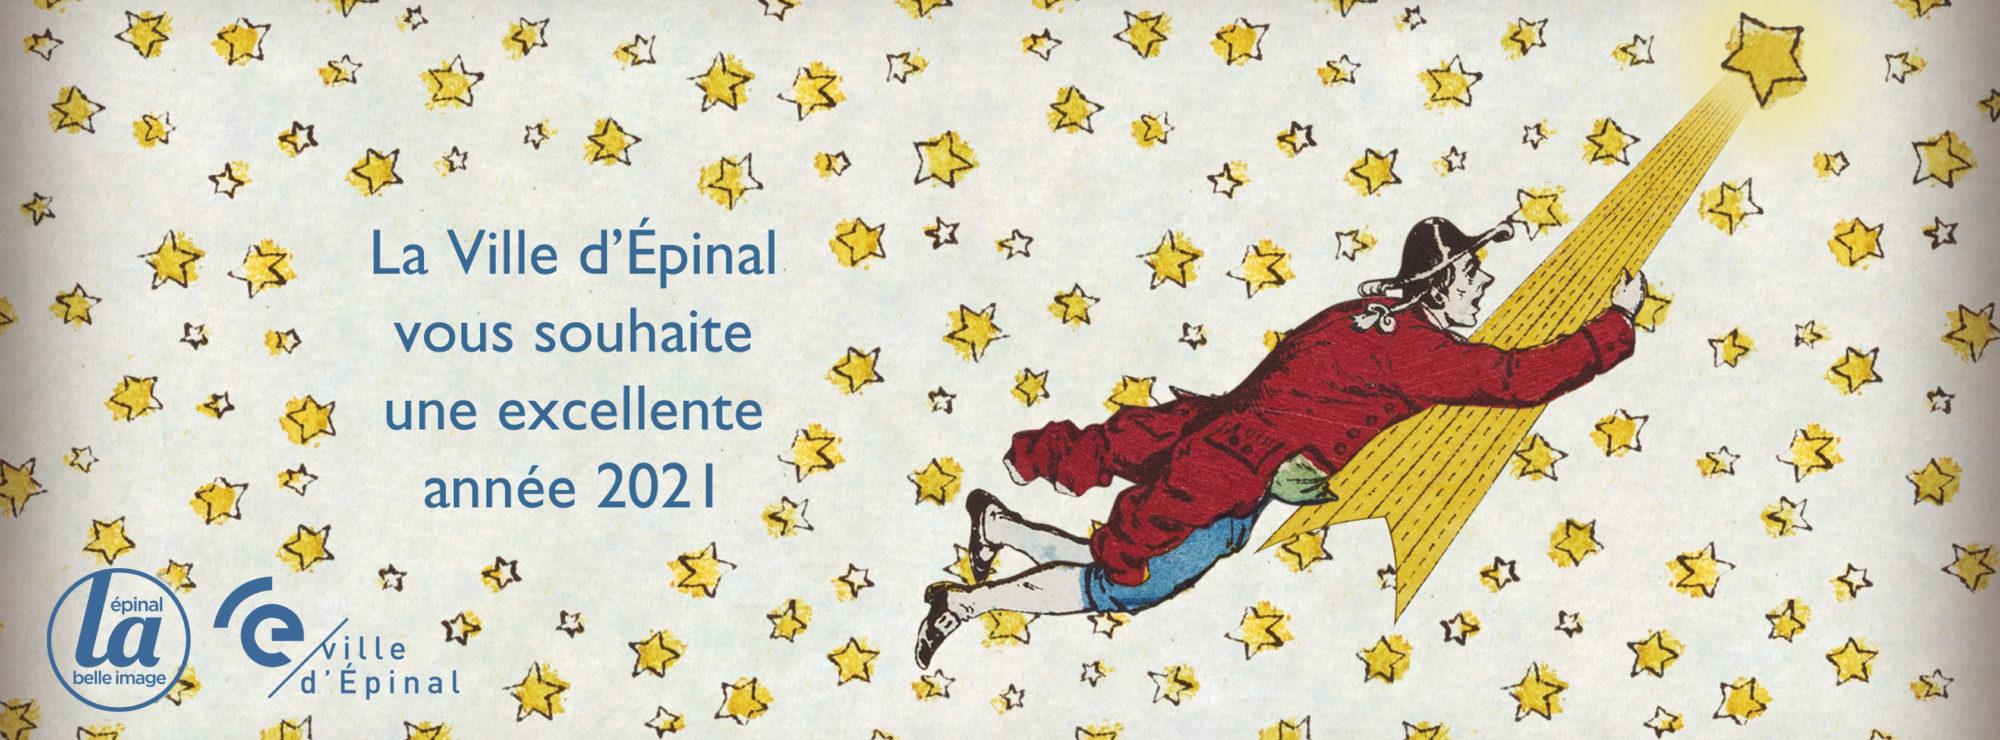 La Ville d'Épinal vous souhaite une bonne année 2021 !